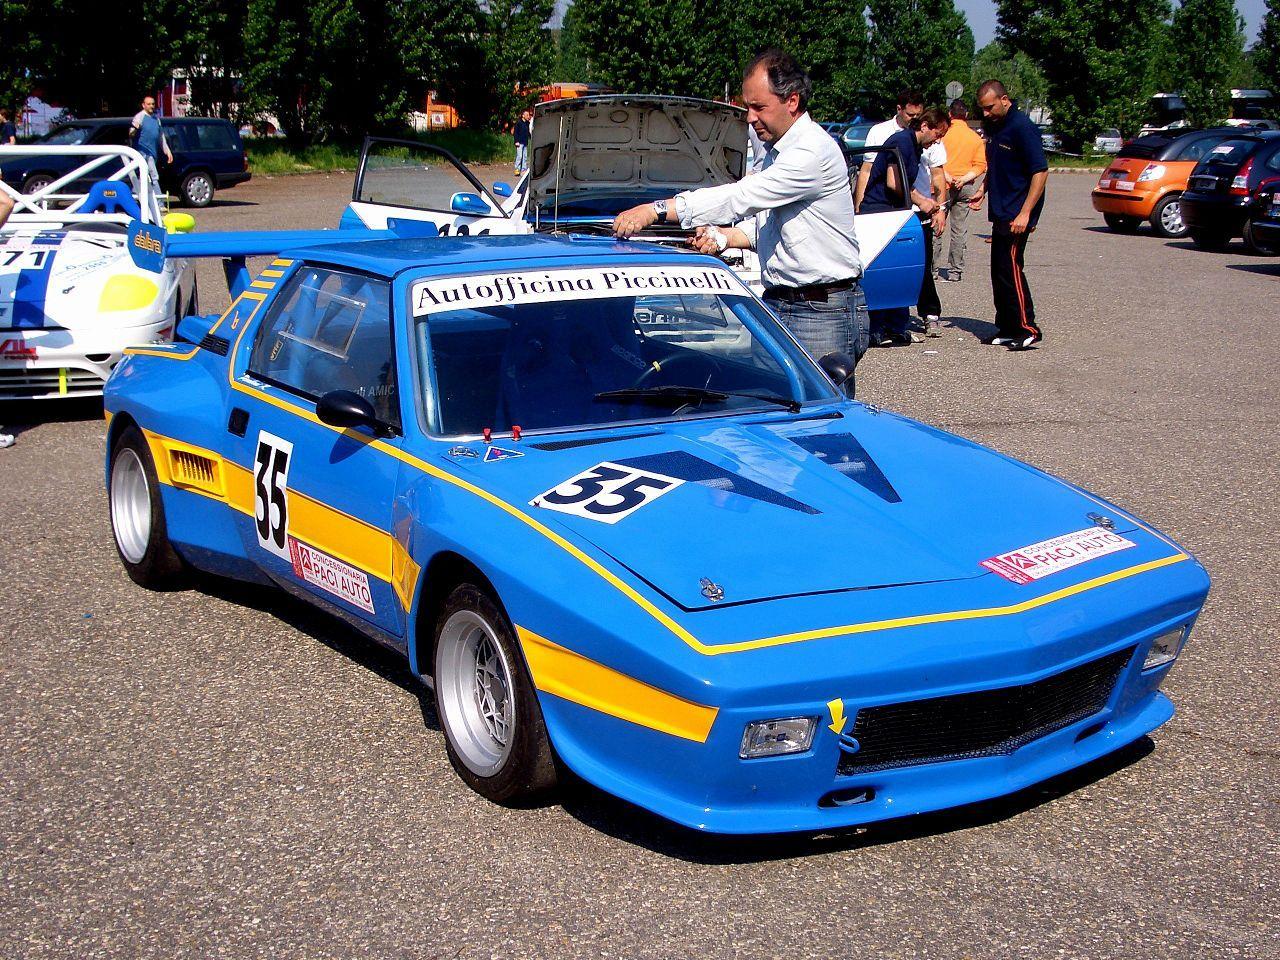 Fiat X1 9 Dallara ant - Fiat X1/9 - Wikipedia | Fiat | Fiat x19